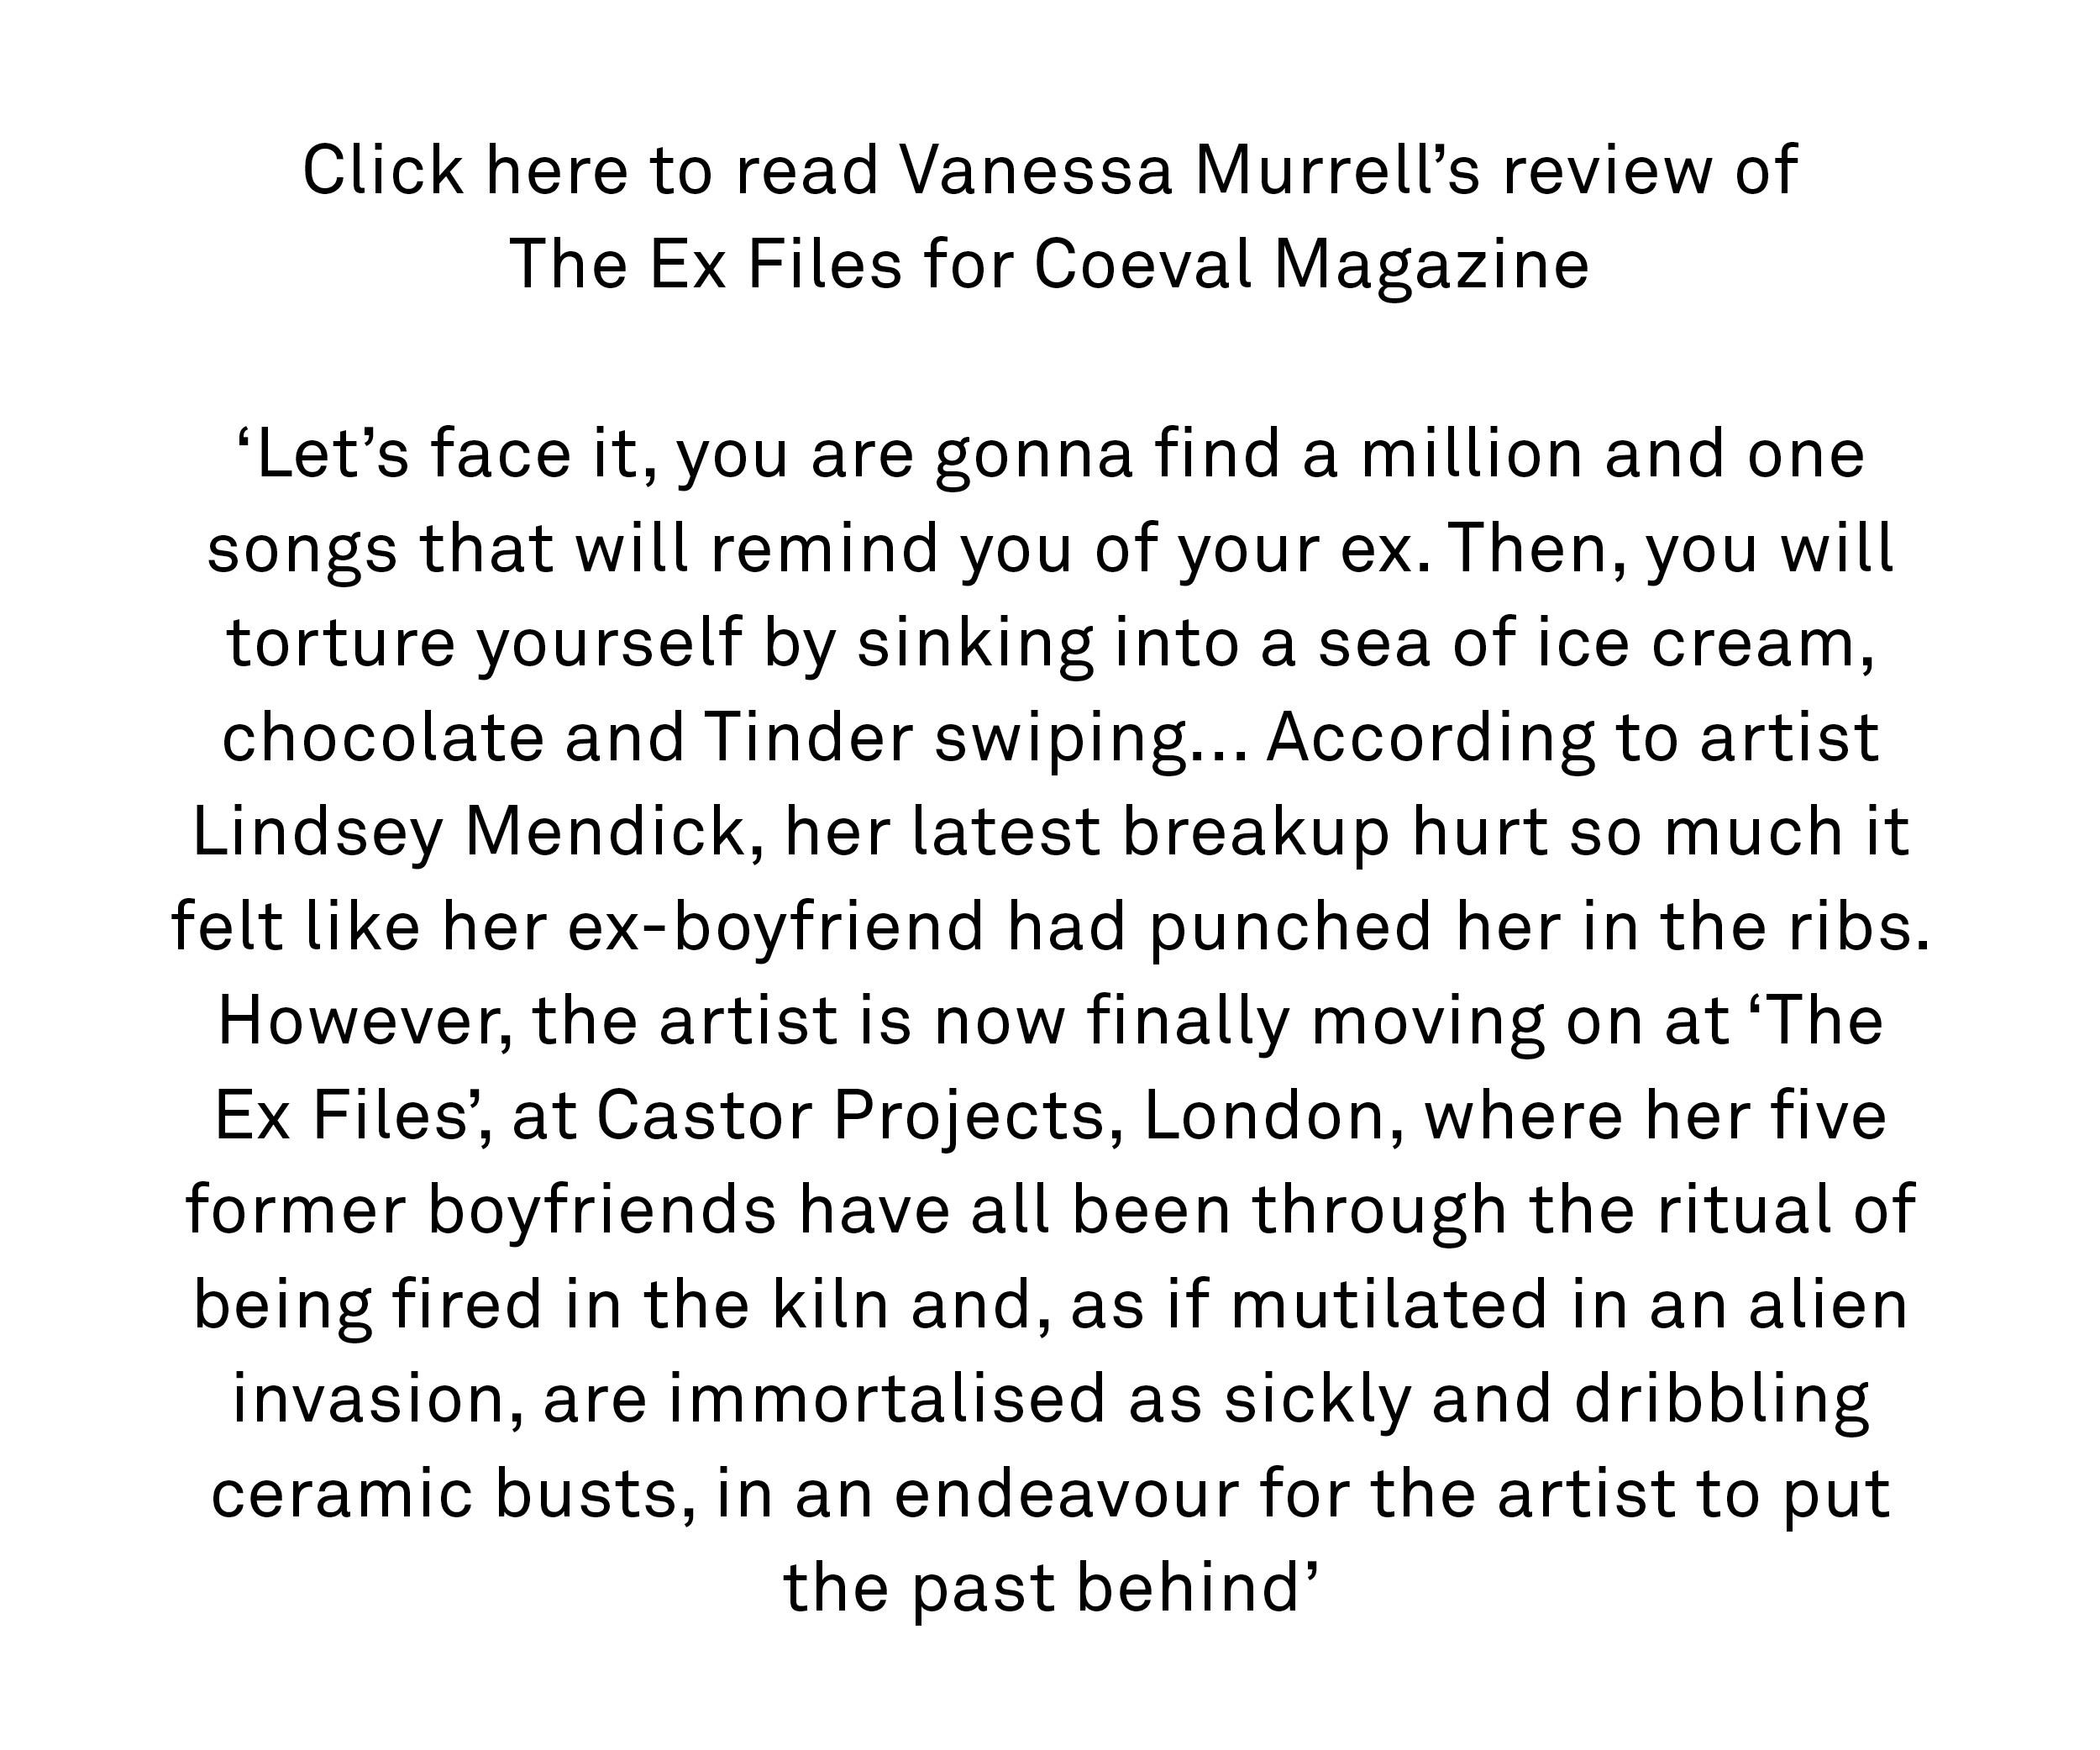 Lindsey Mendick coeval email.jpg